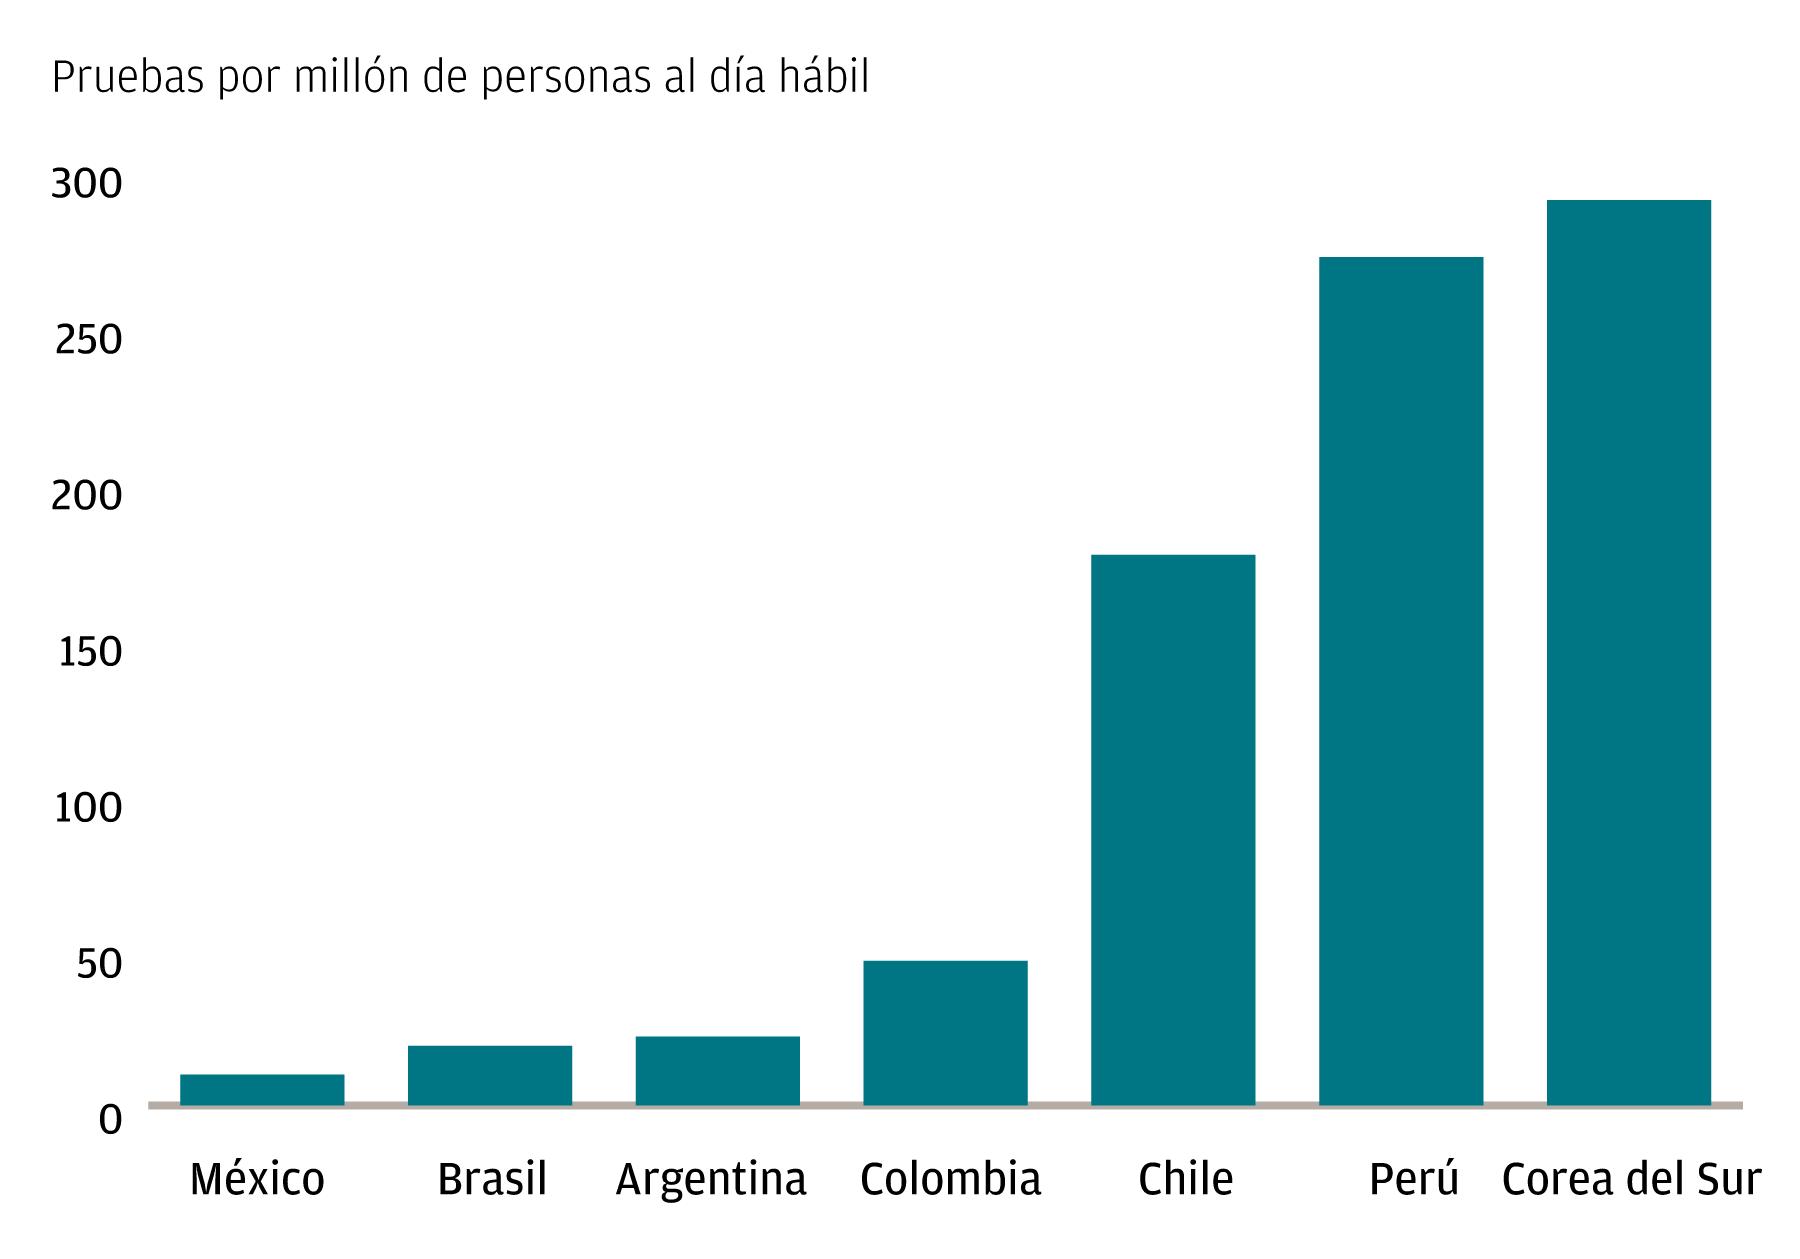 Una gráfica que muestra la tasa de pruebas de COVID-19 en economías seleccionadas (pruebas por millón de personas al día hábil) en México, Brasil, Argentina, Colombia, Chile, Perú y Corea del Sur.